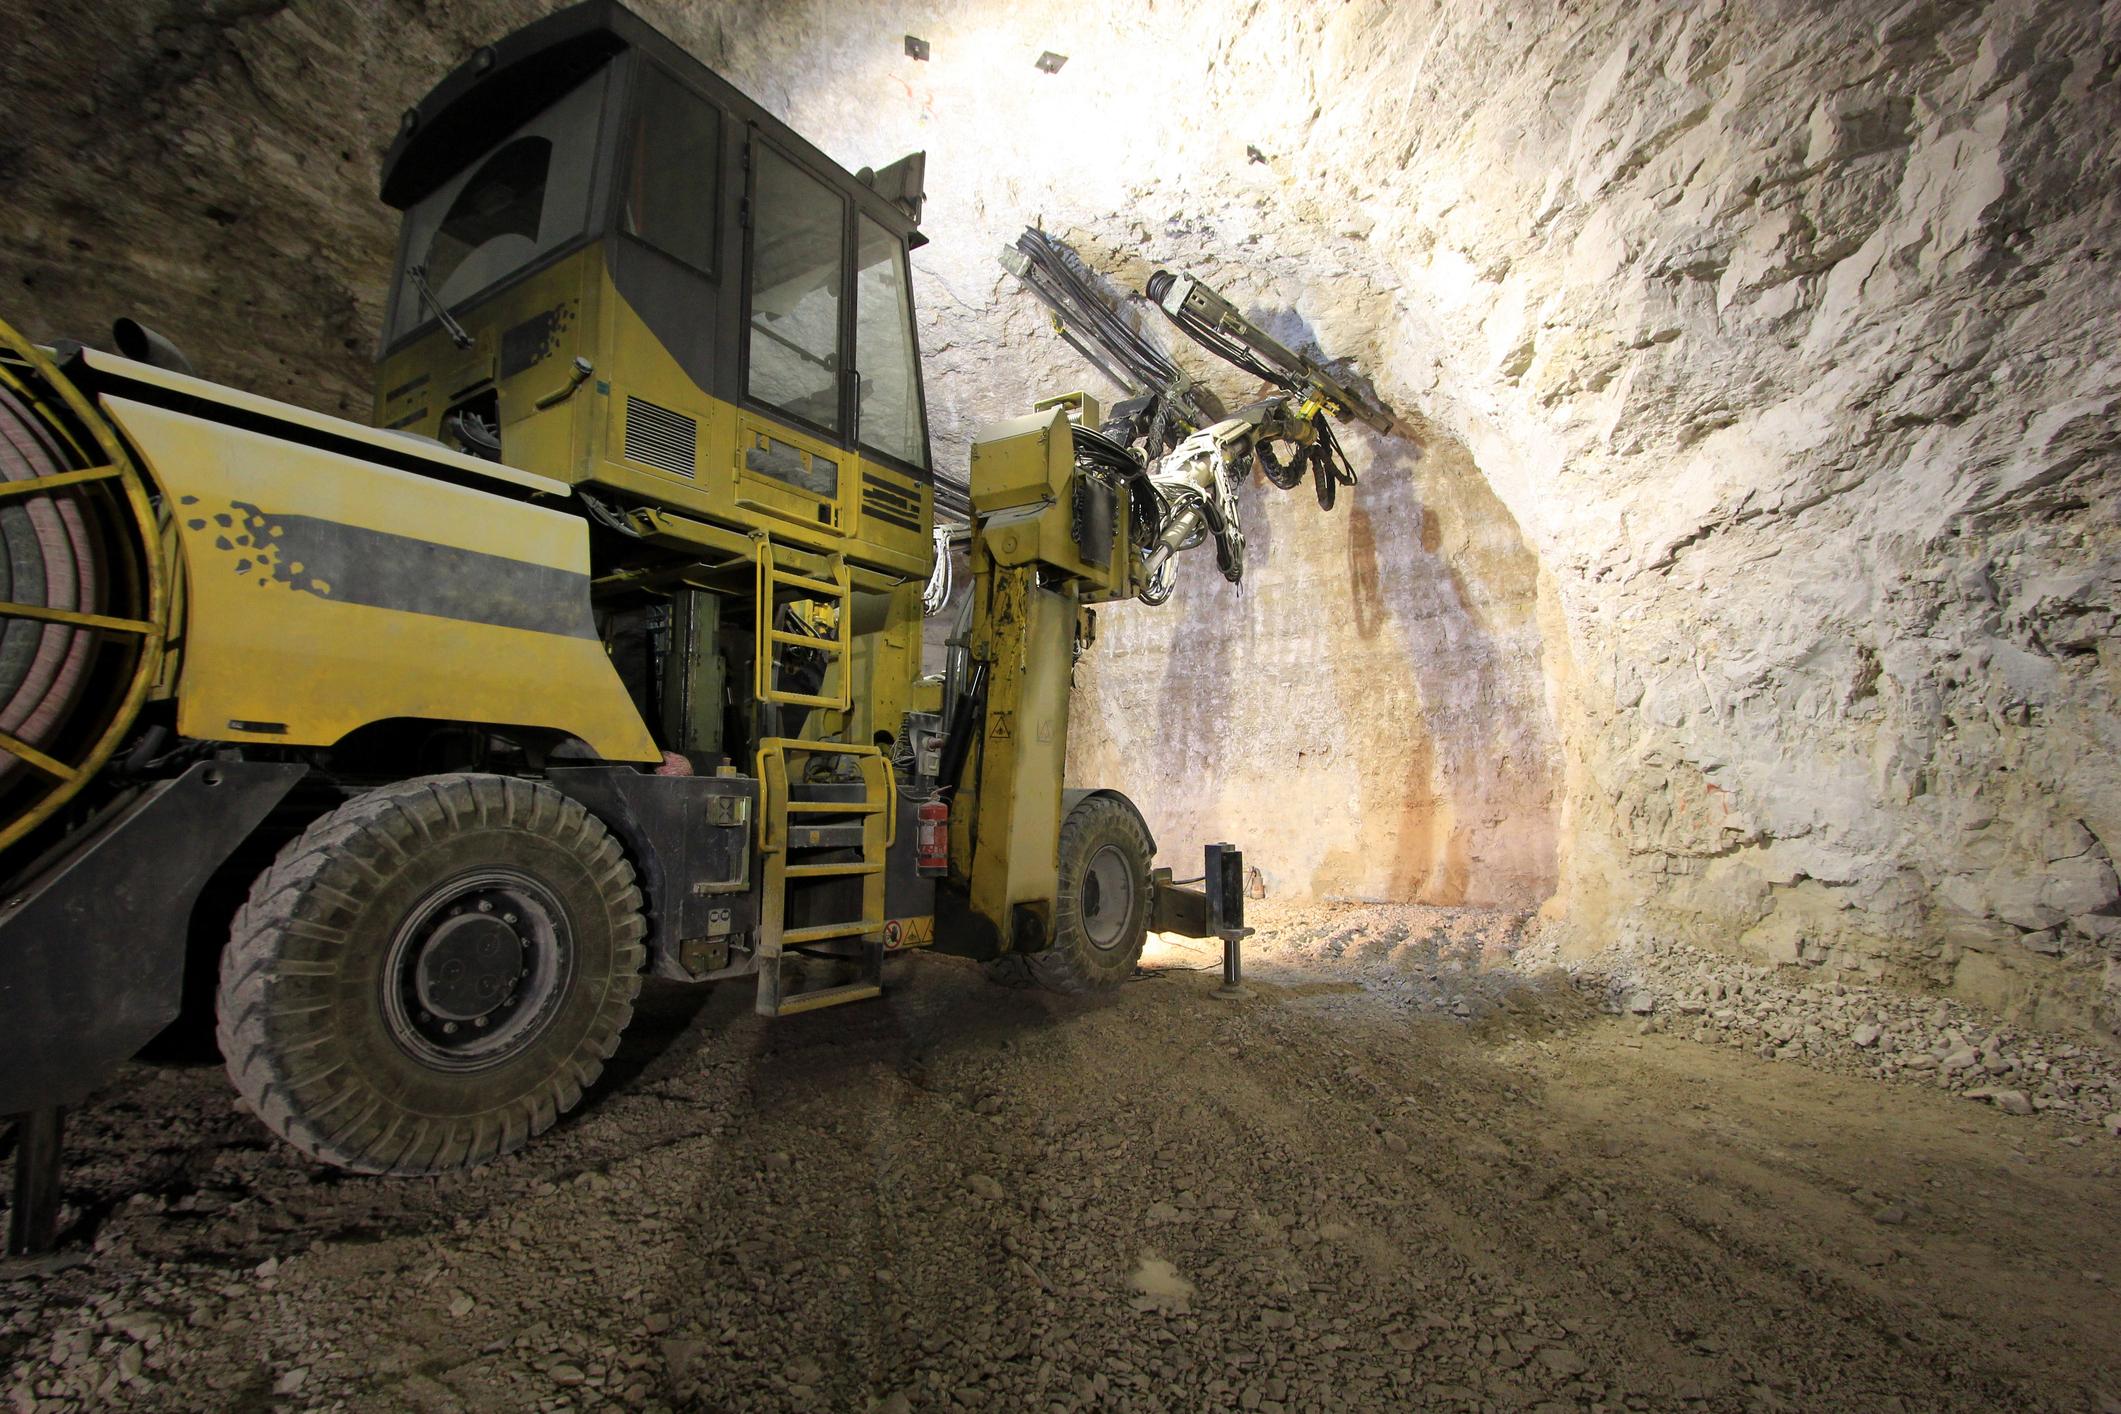 Bulldozer in underground mine.